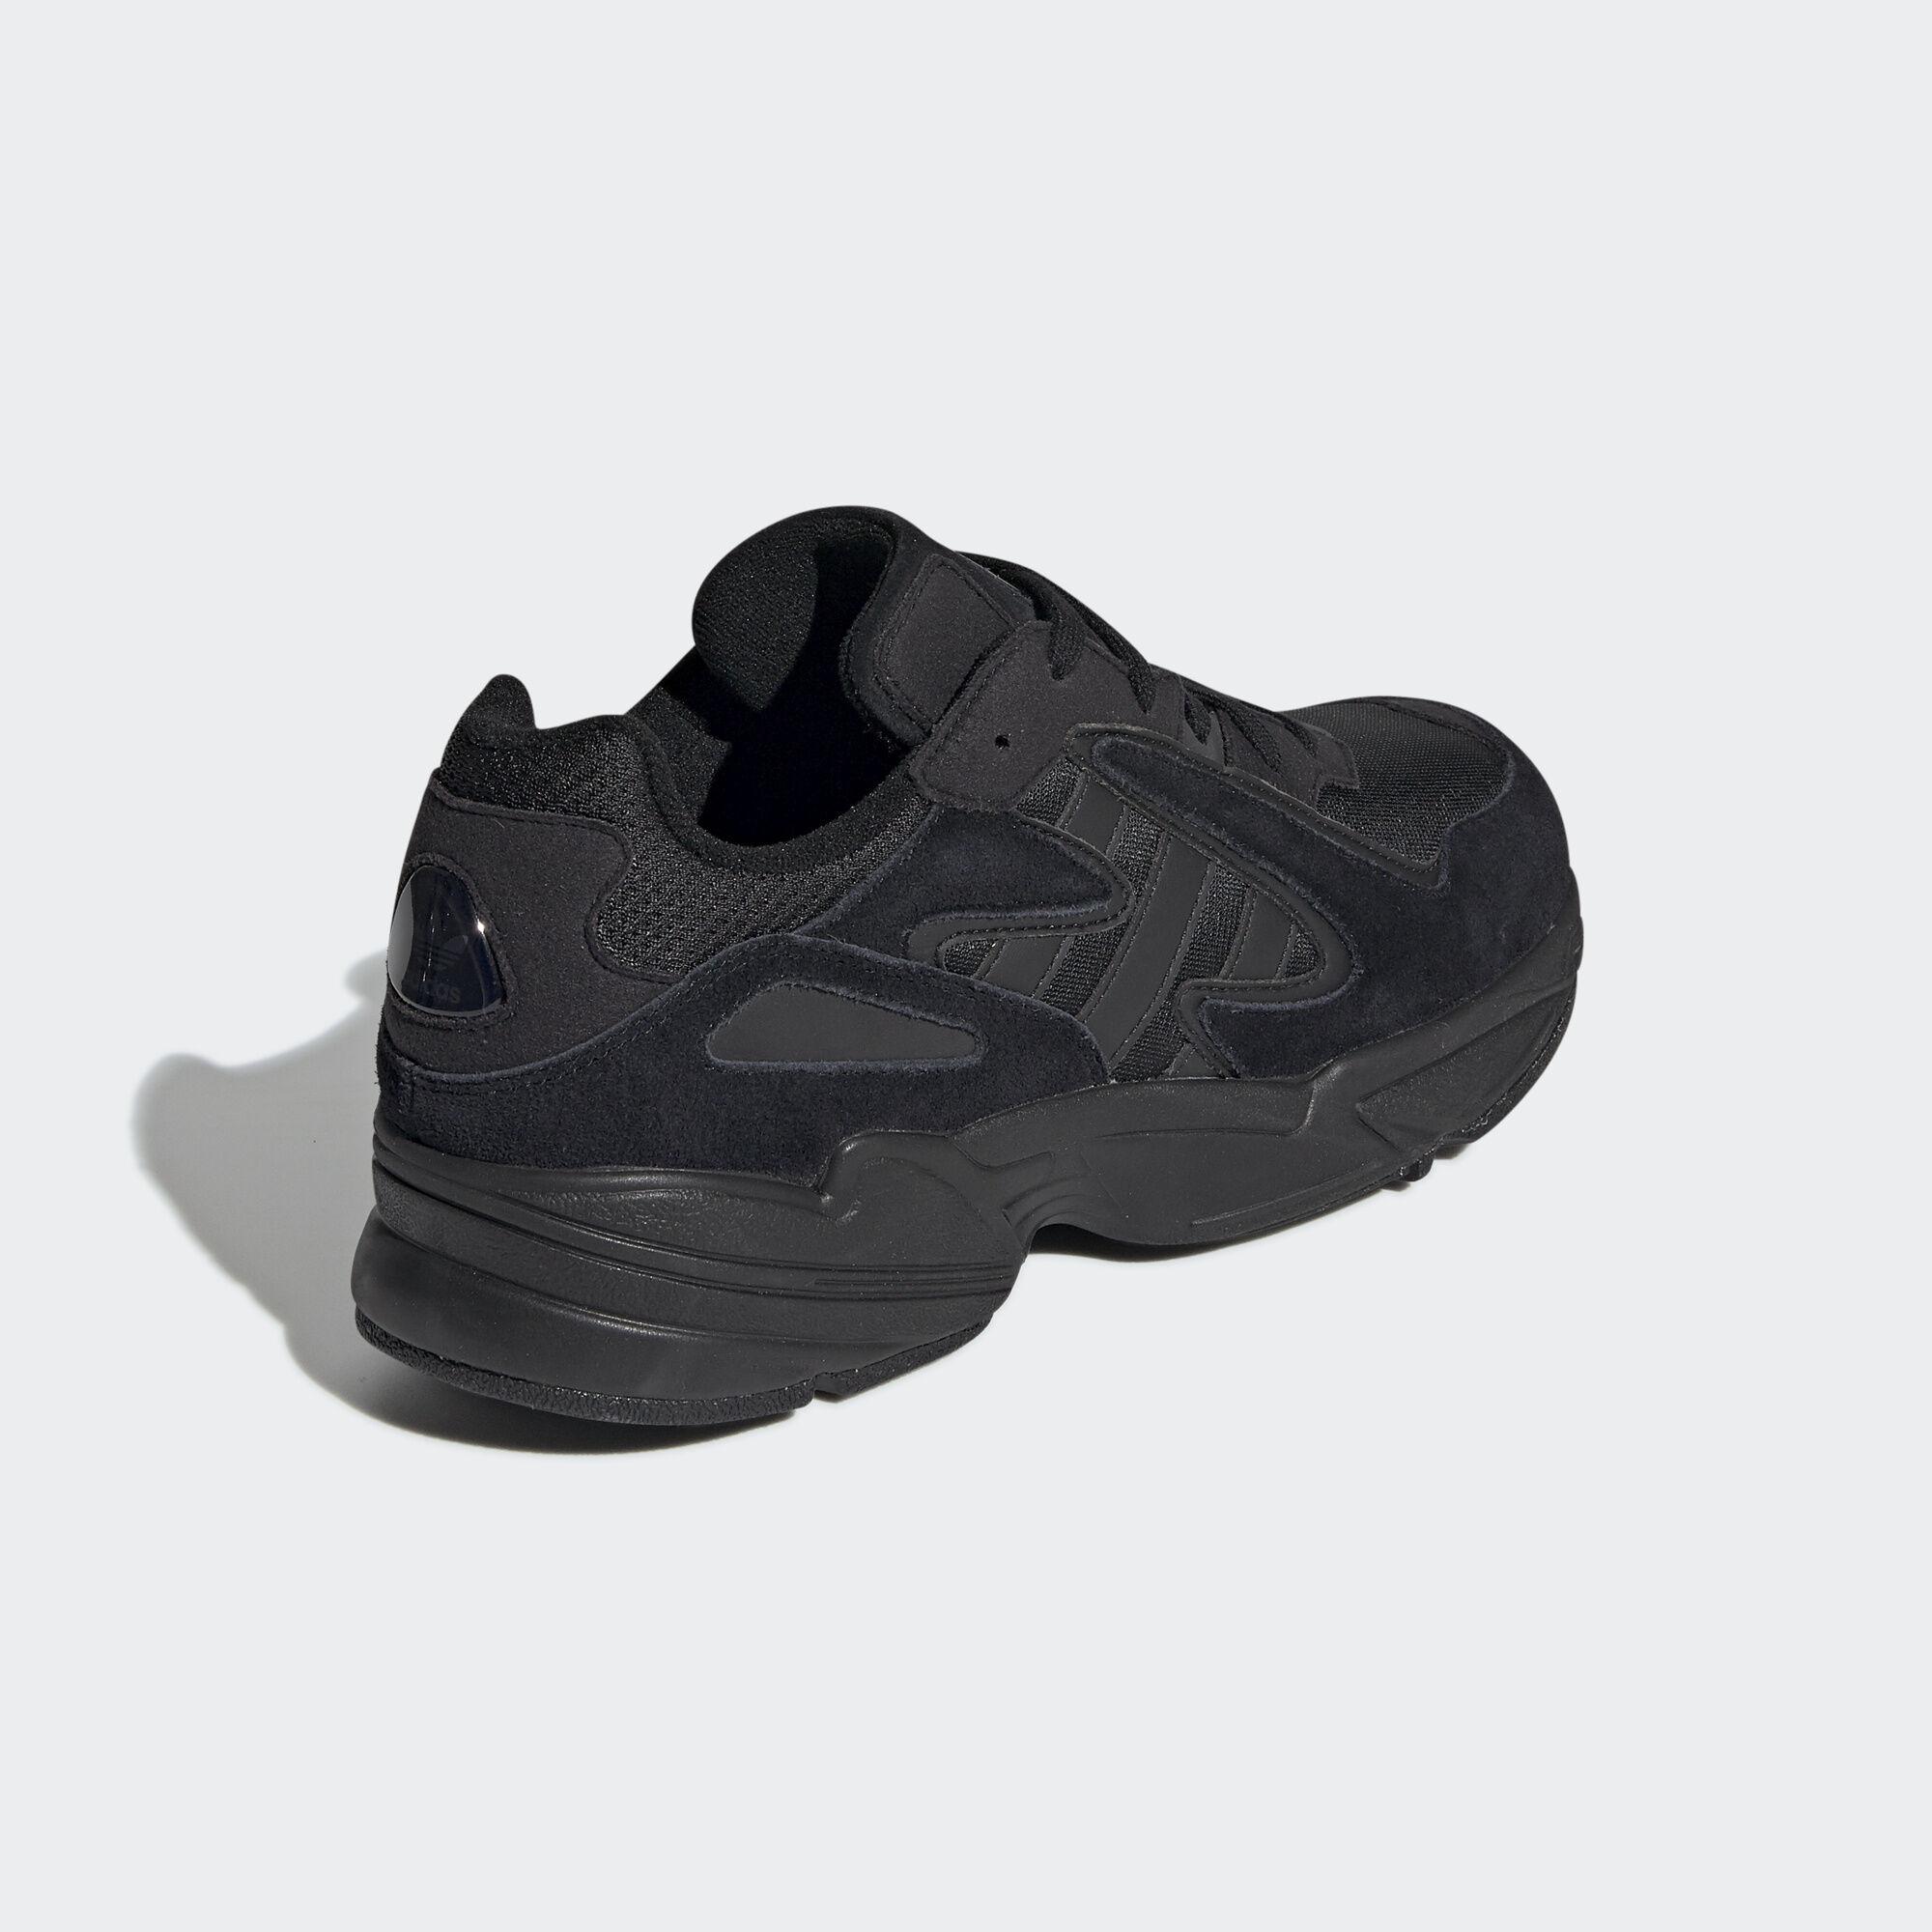 Adidas Yung 96 EE7239